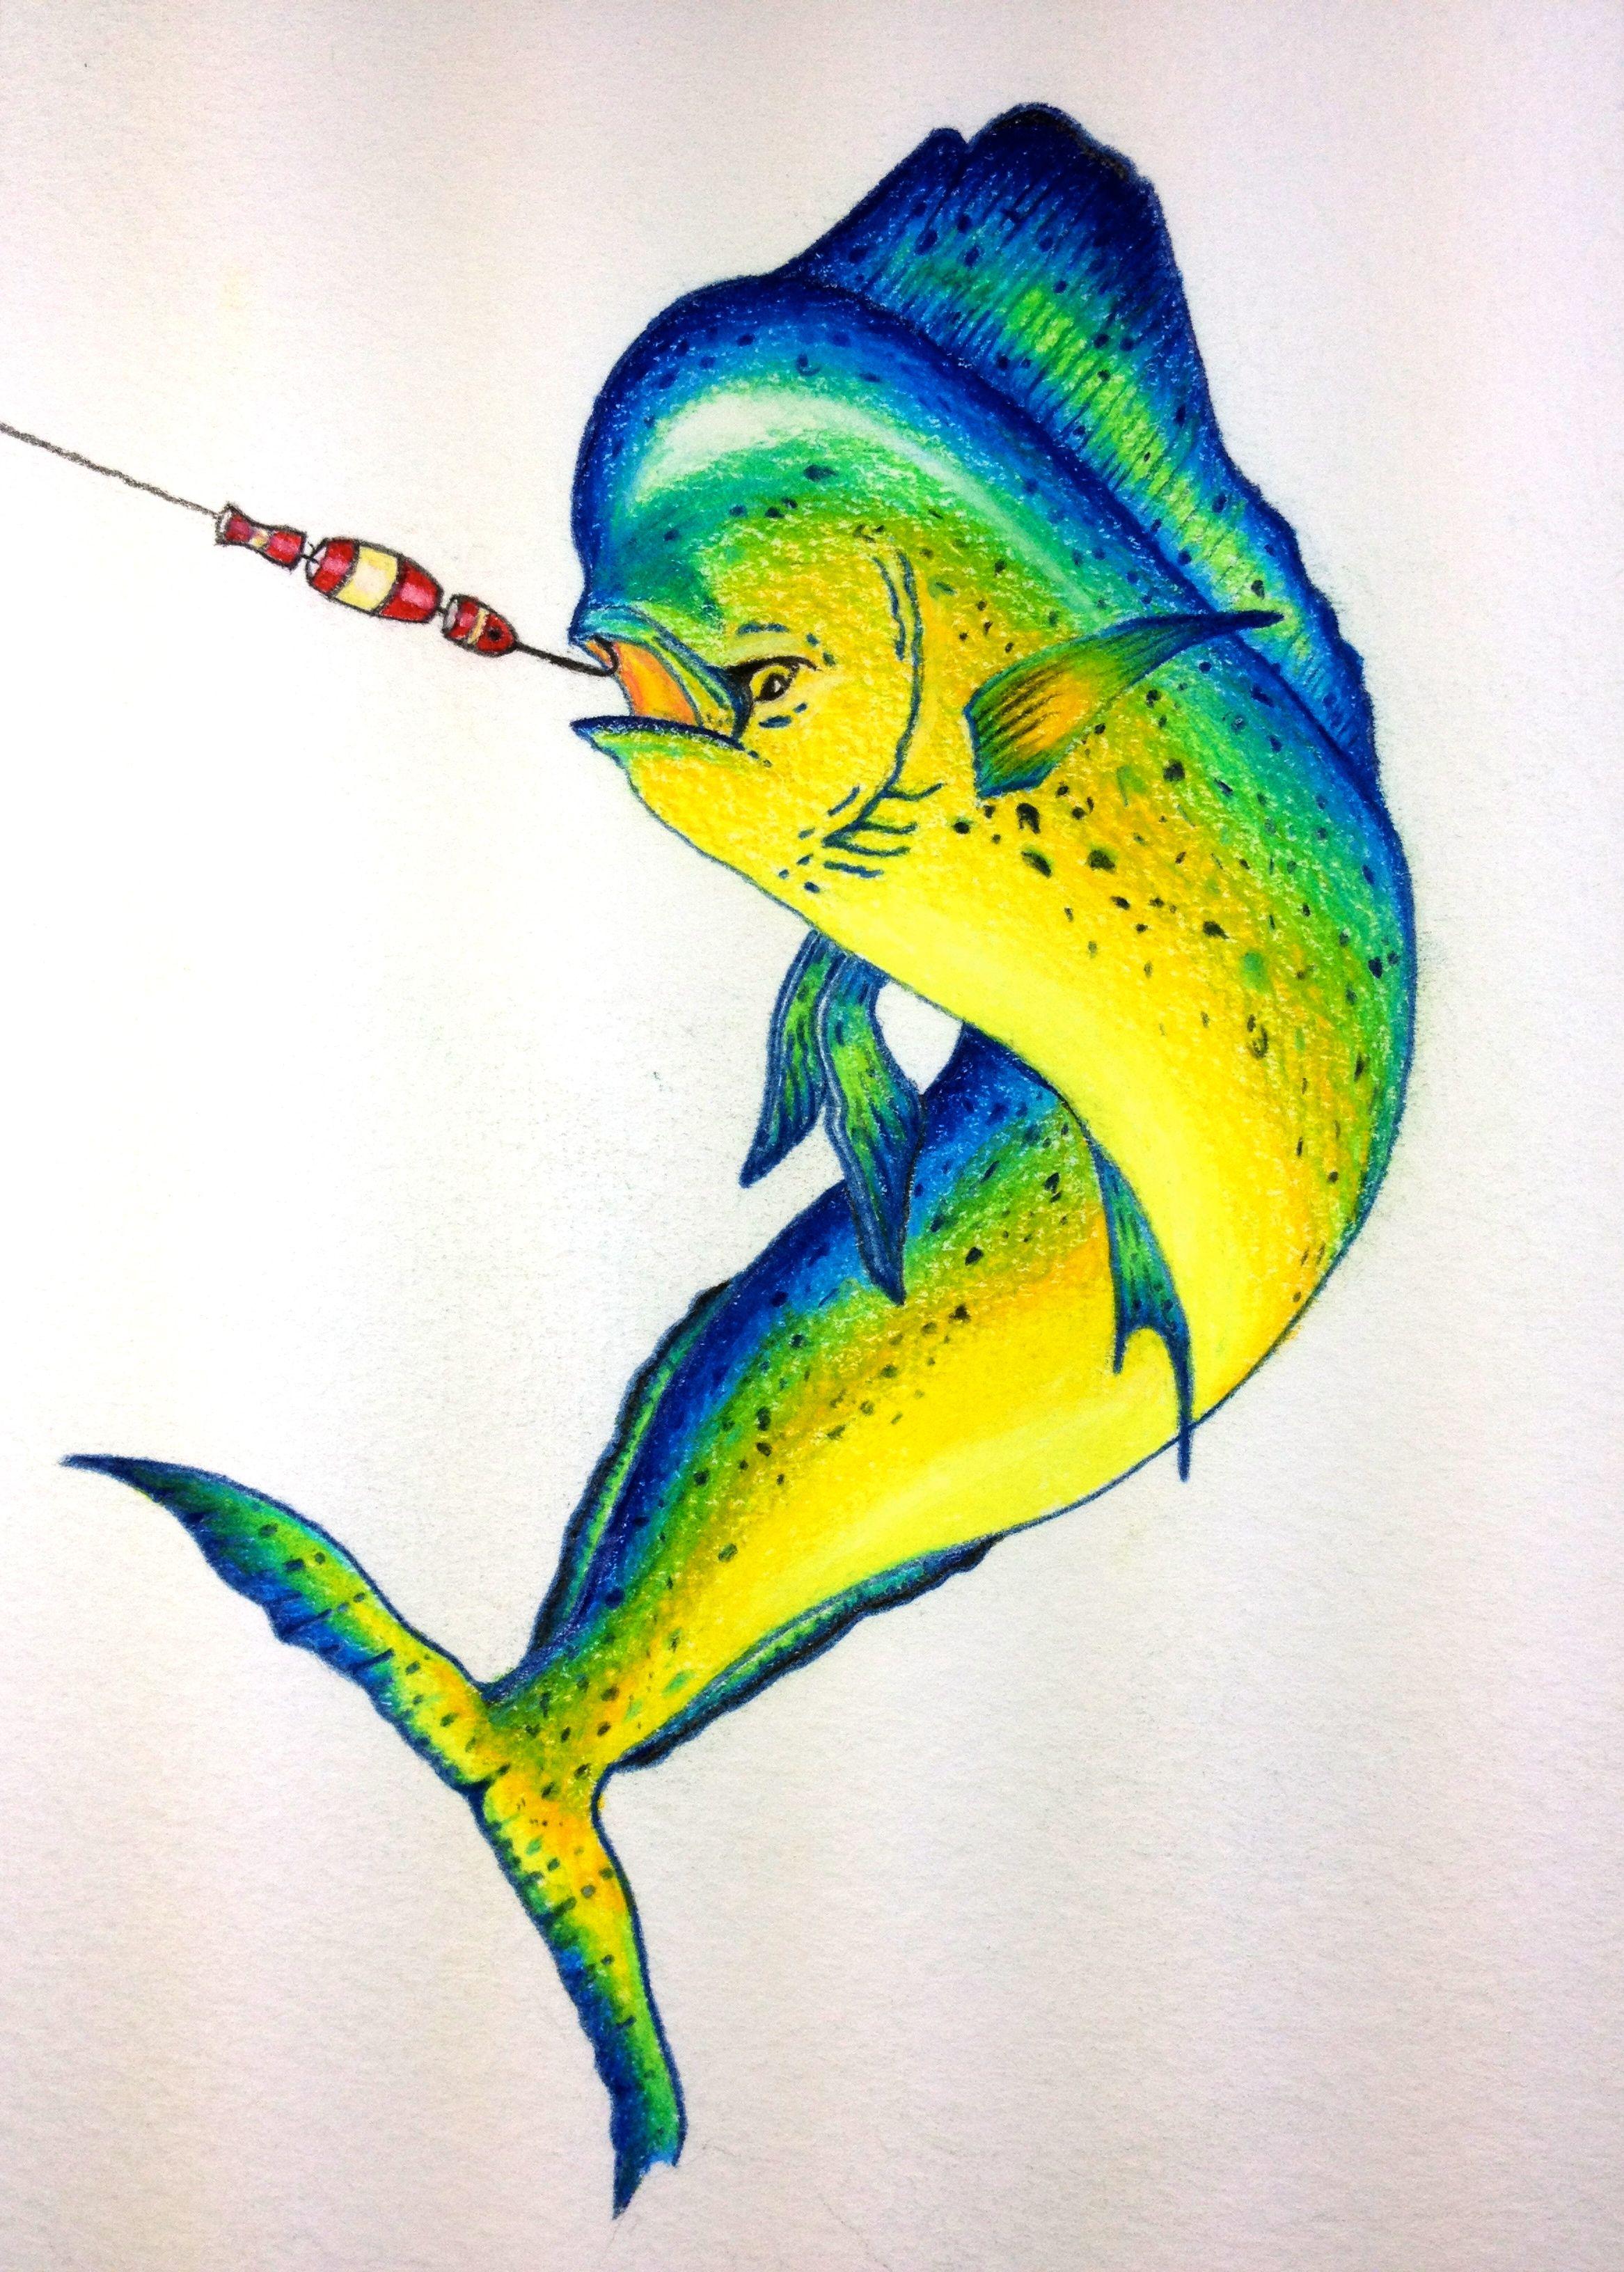 Fish - Mahi Mahi -\